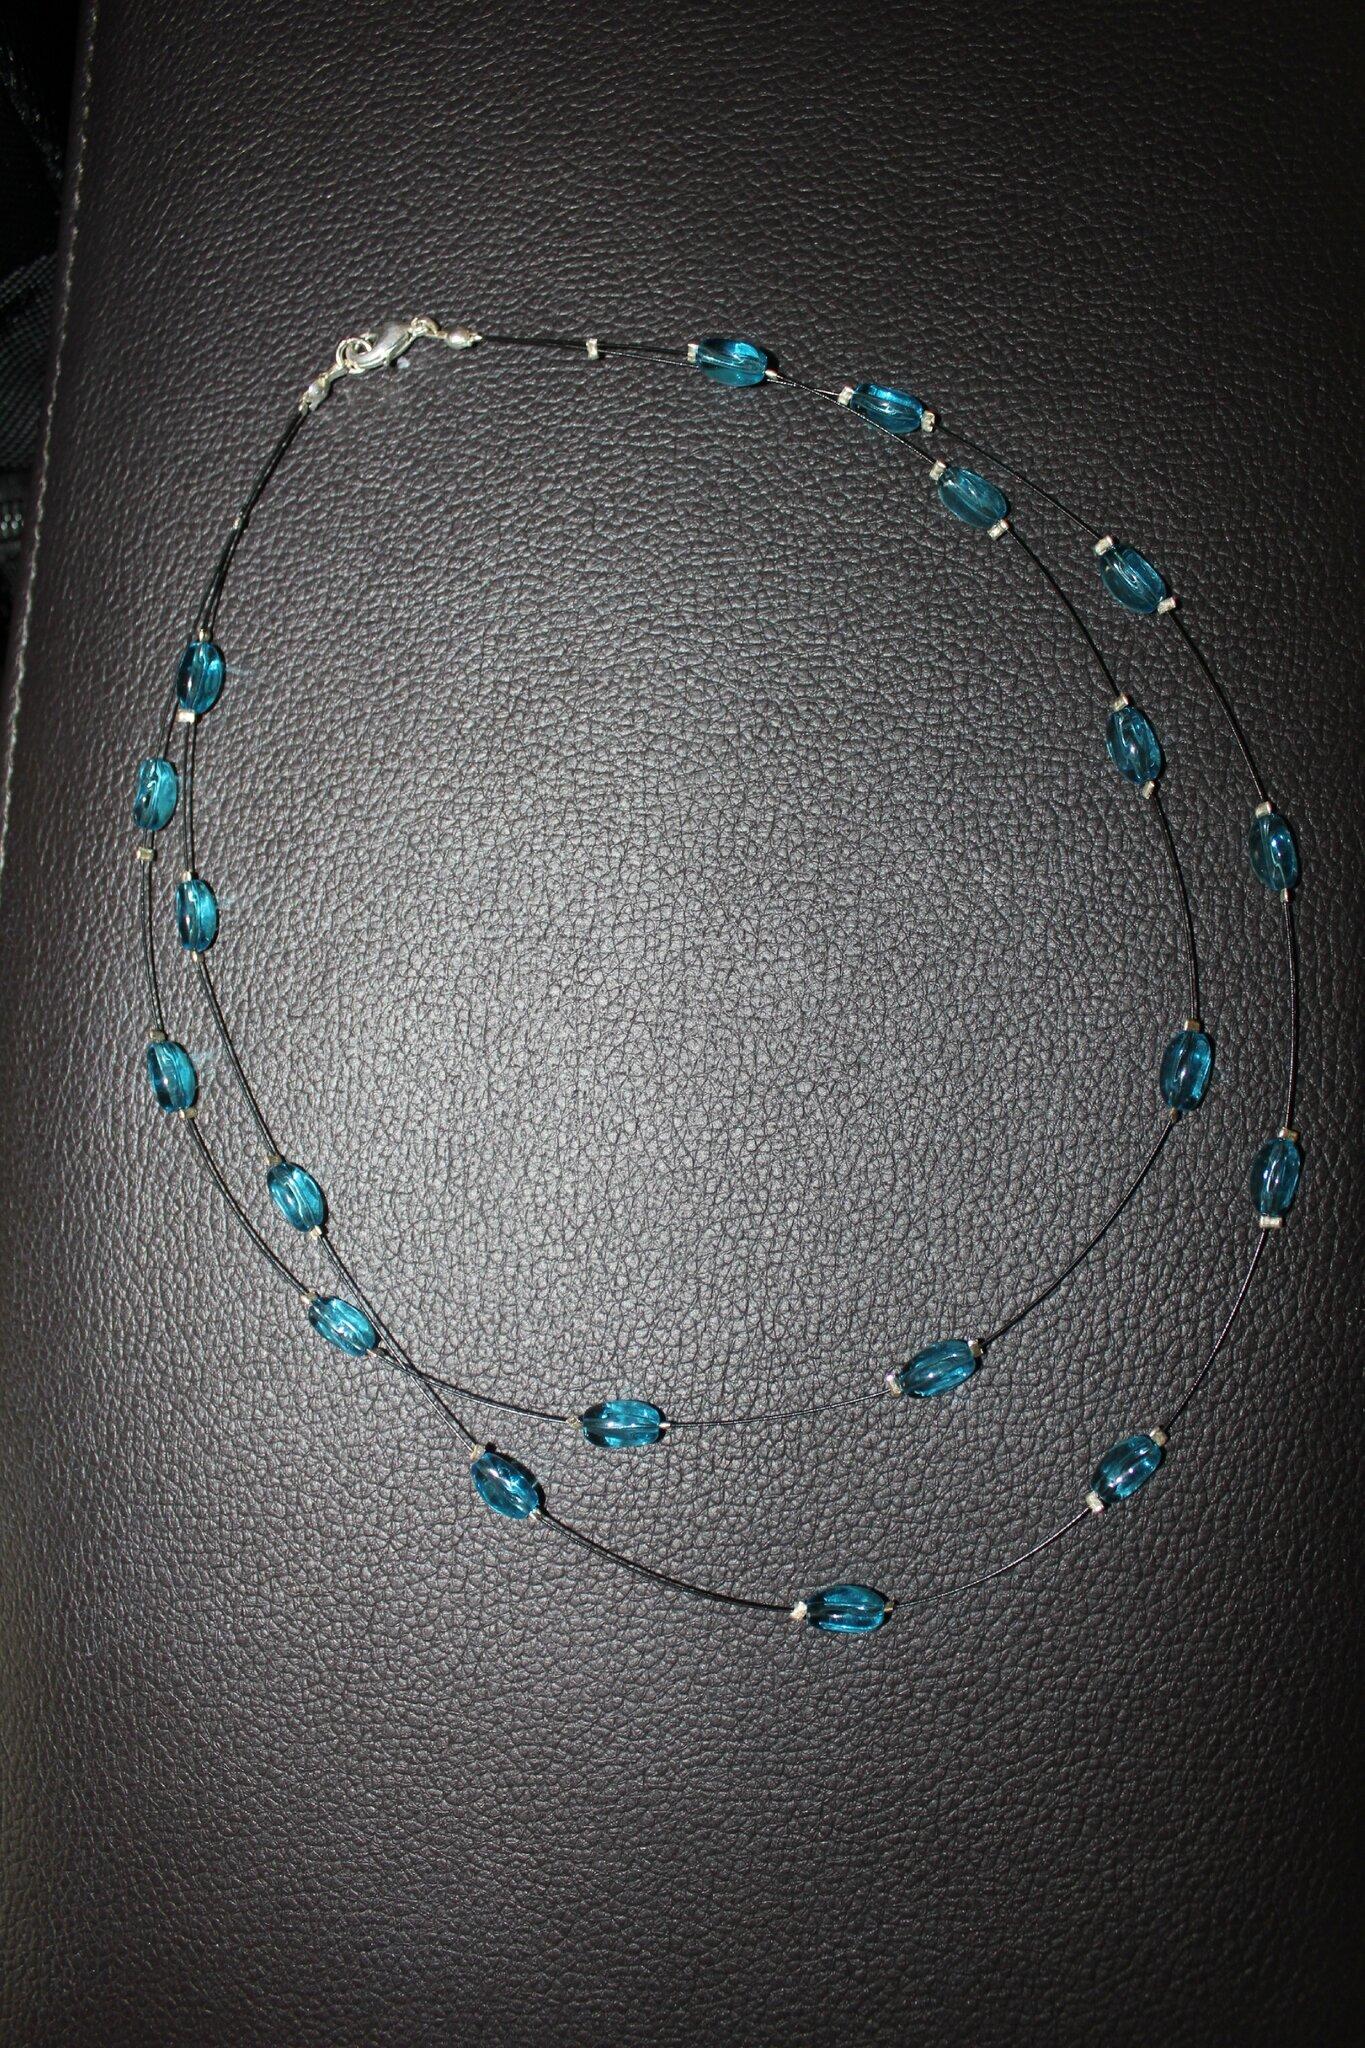 Collier turquoise en câble noir